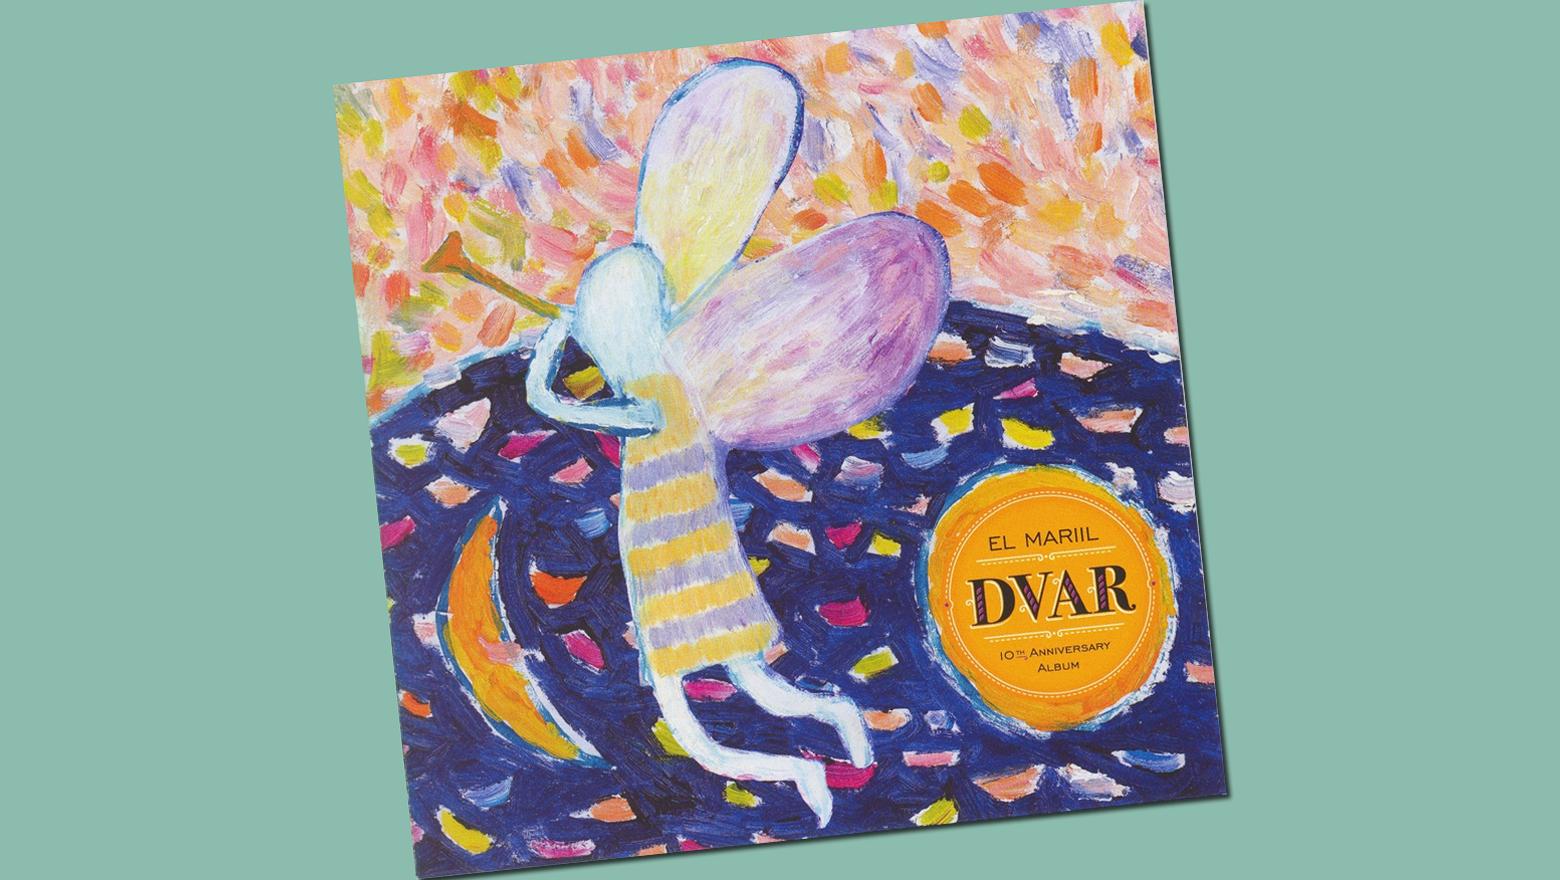 Music&Atmosphere-разное-Dvar-Dhar-840141